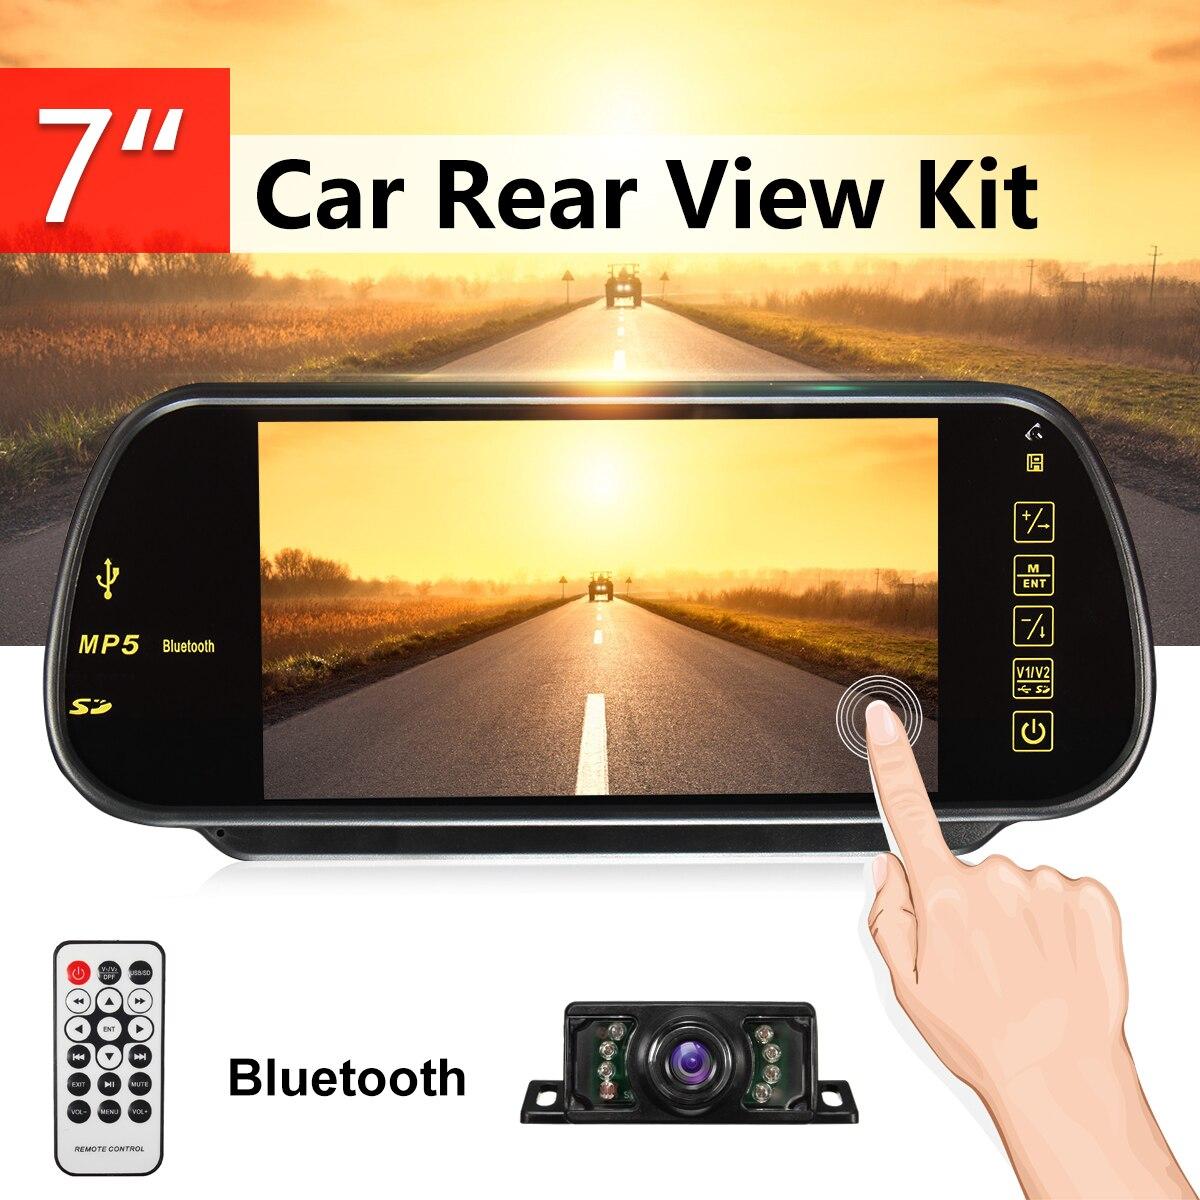 7 дюймов TFT ЖК-дисплей Сенсорный экран парковка Зеркало Ссылка монитор заднего вида резервного копирования Камера Bluetooth автомобиля MP5 плеер ...